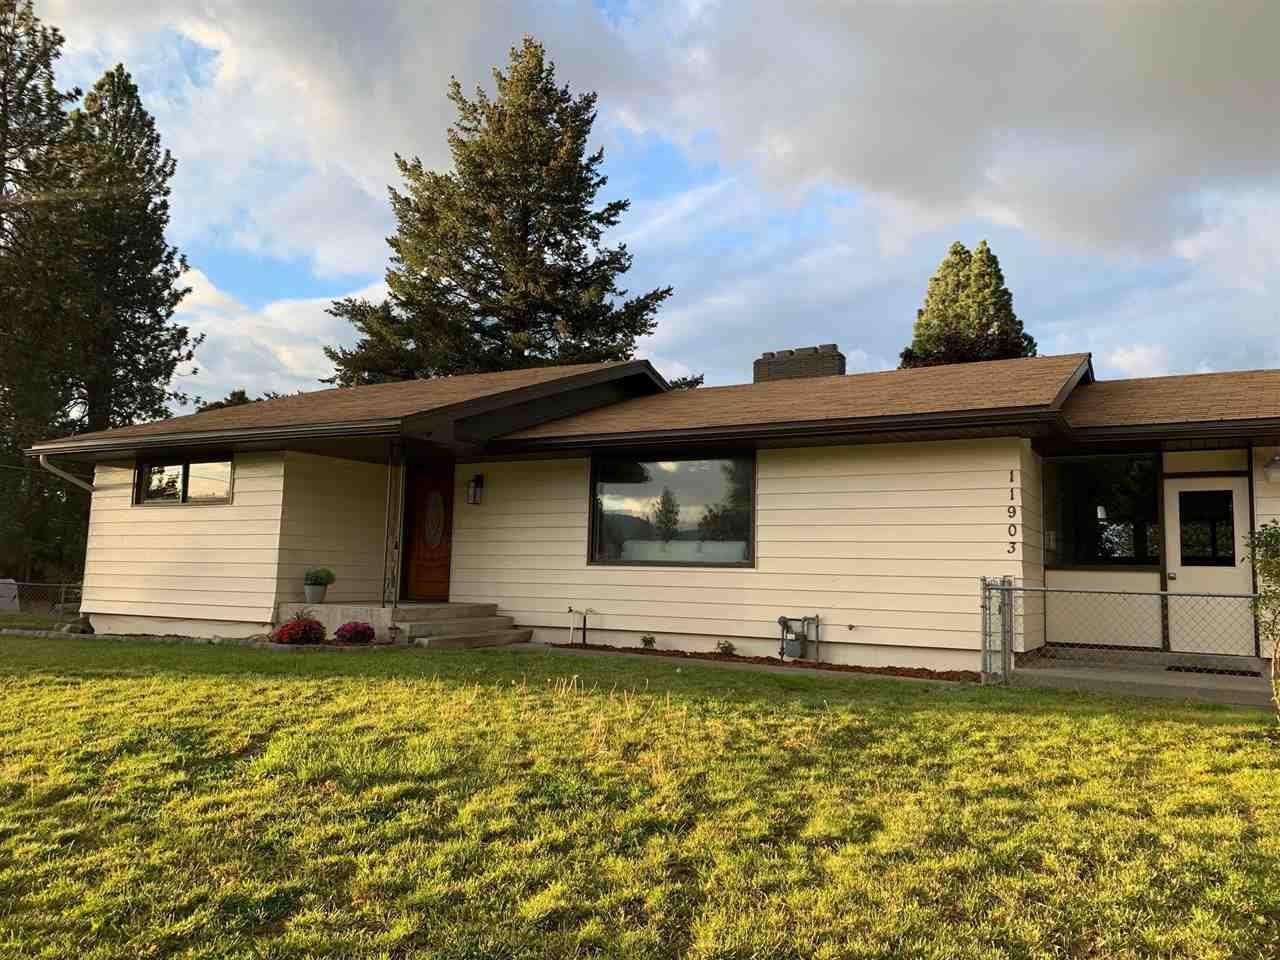 11903 E 19th Ave, Spokane Valley, WA 99206 - #: 202023620